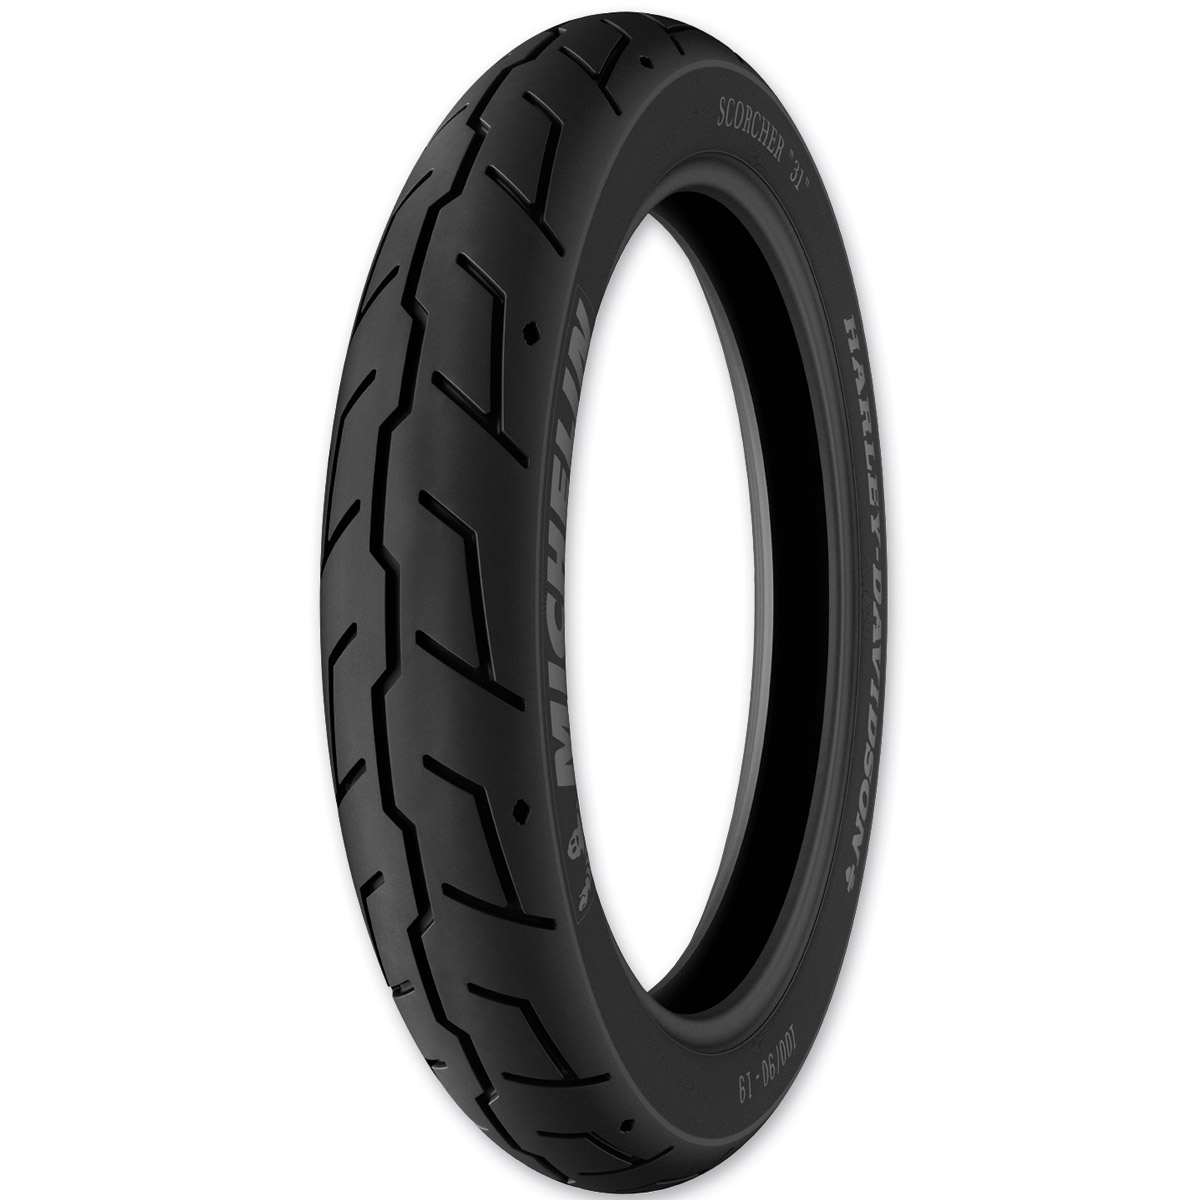 Michelin Scorcher 31 130/60B19 Front Tire